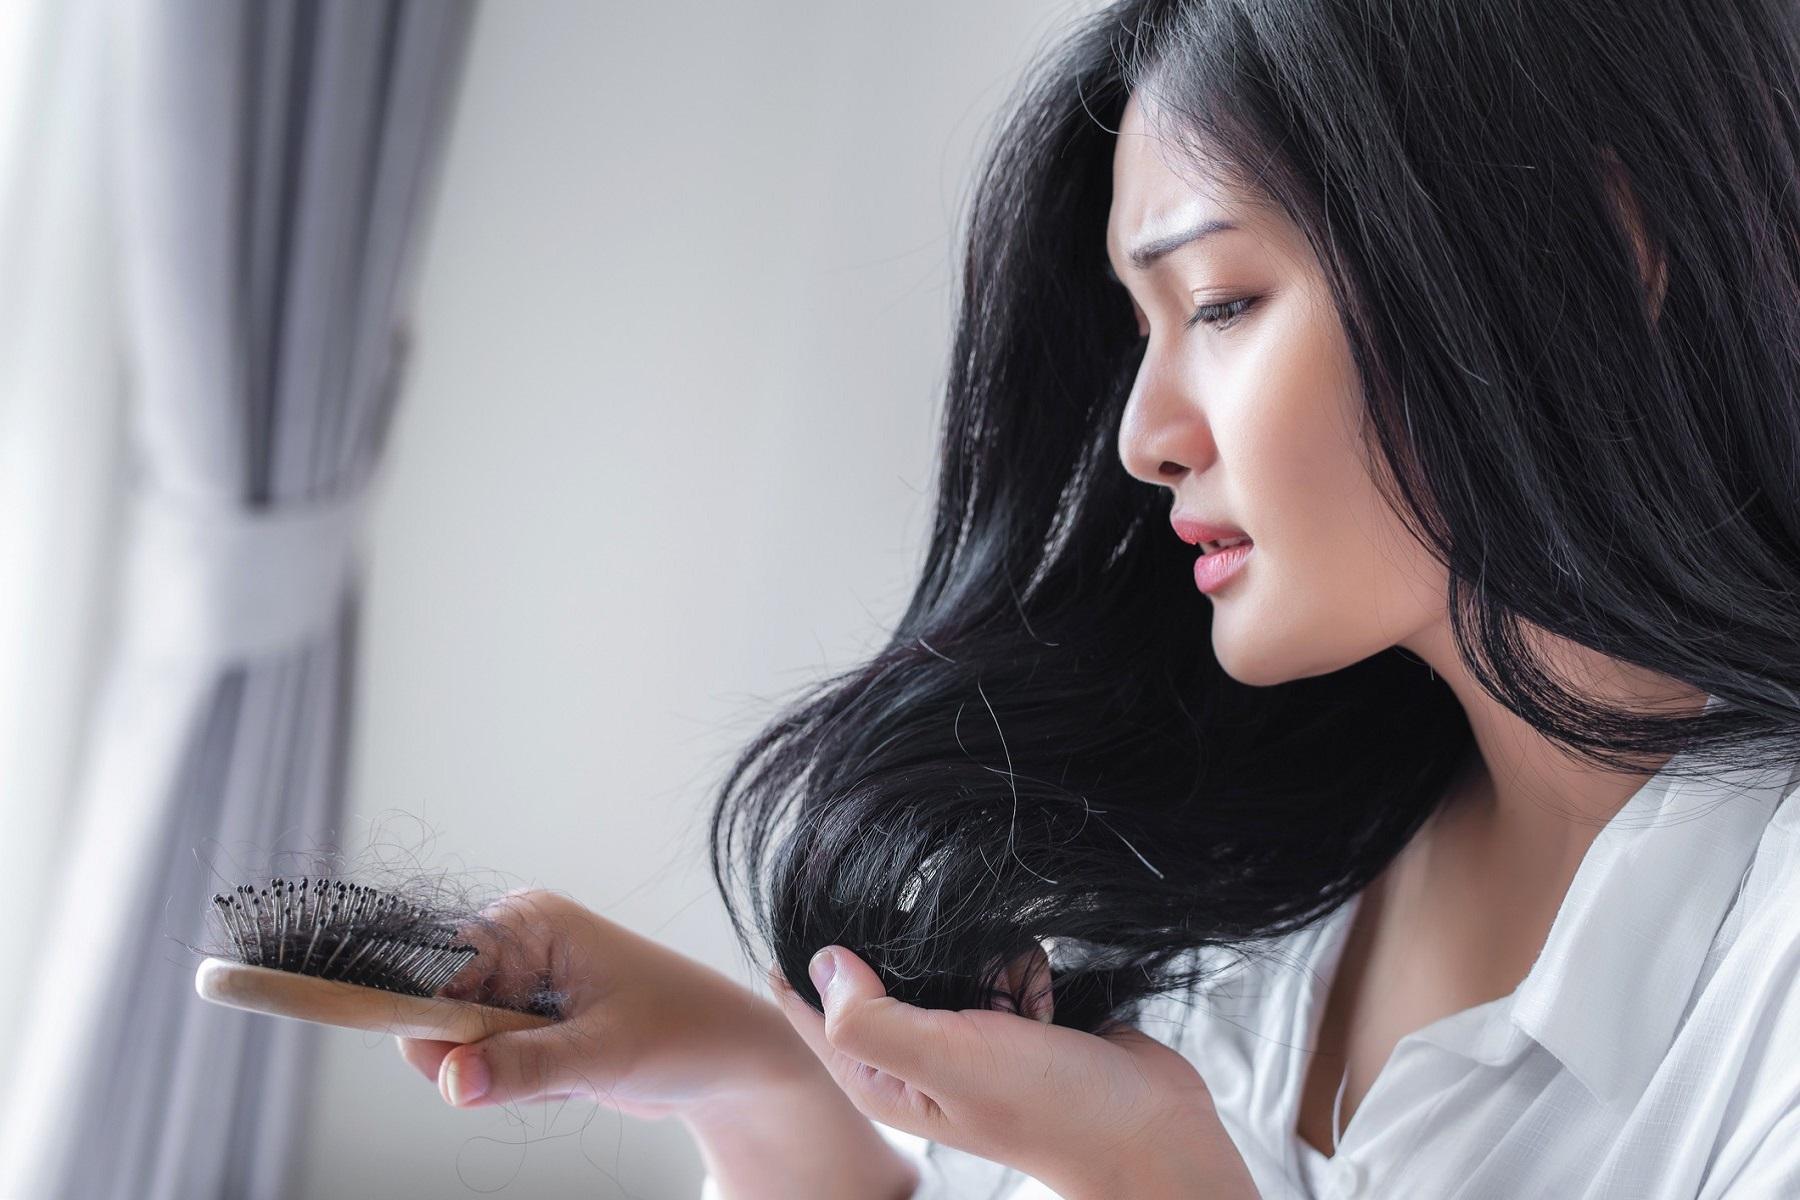 Πανδημία Τριχόπτωση: H απώλεια μαλλιών σχετίζεται με την COVID-19, λένε οι γιατροί